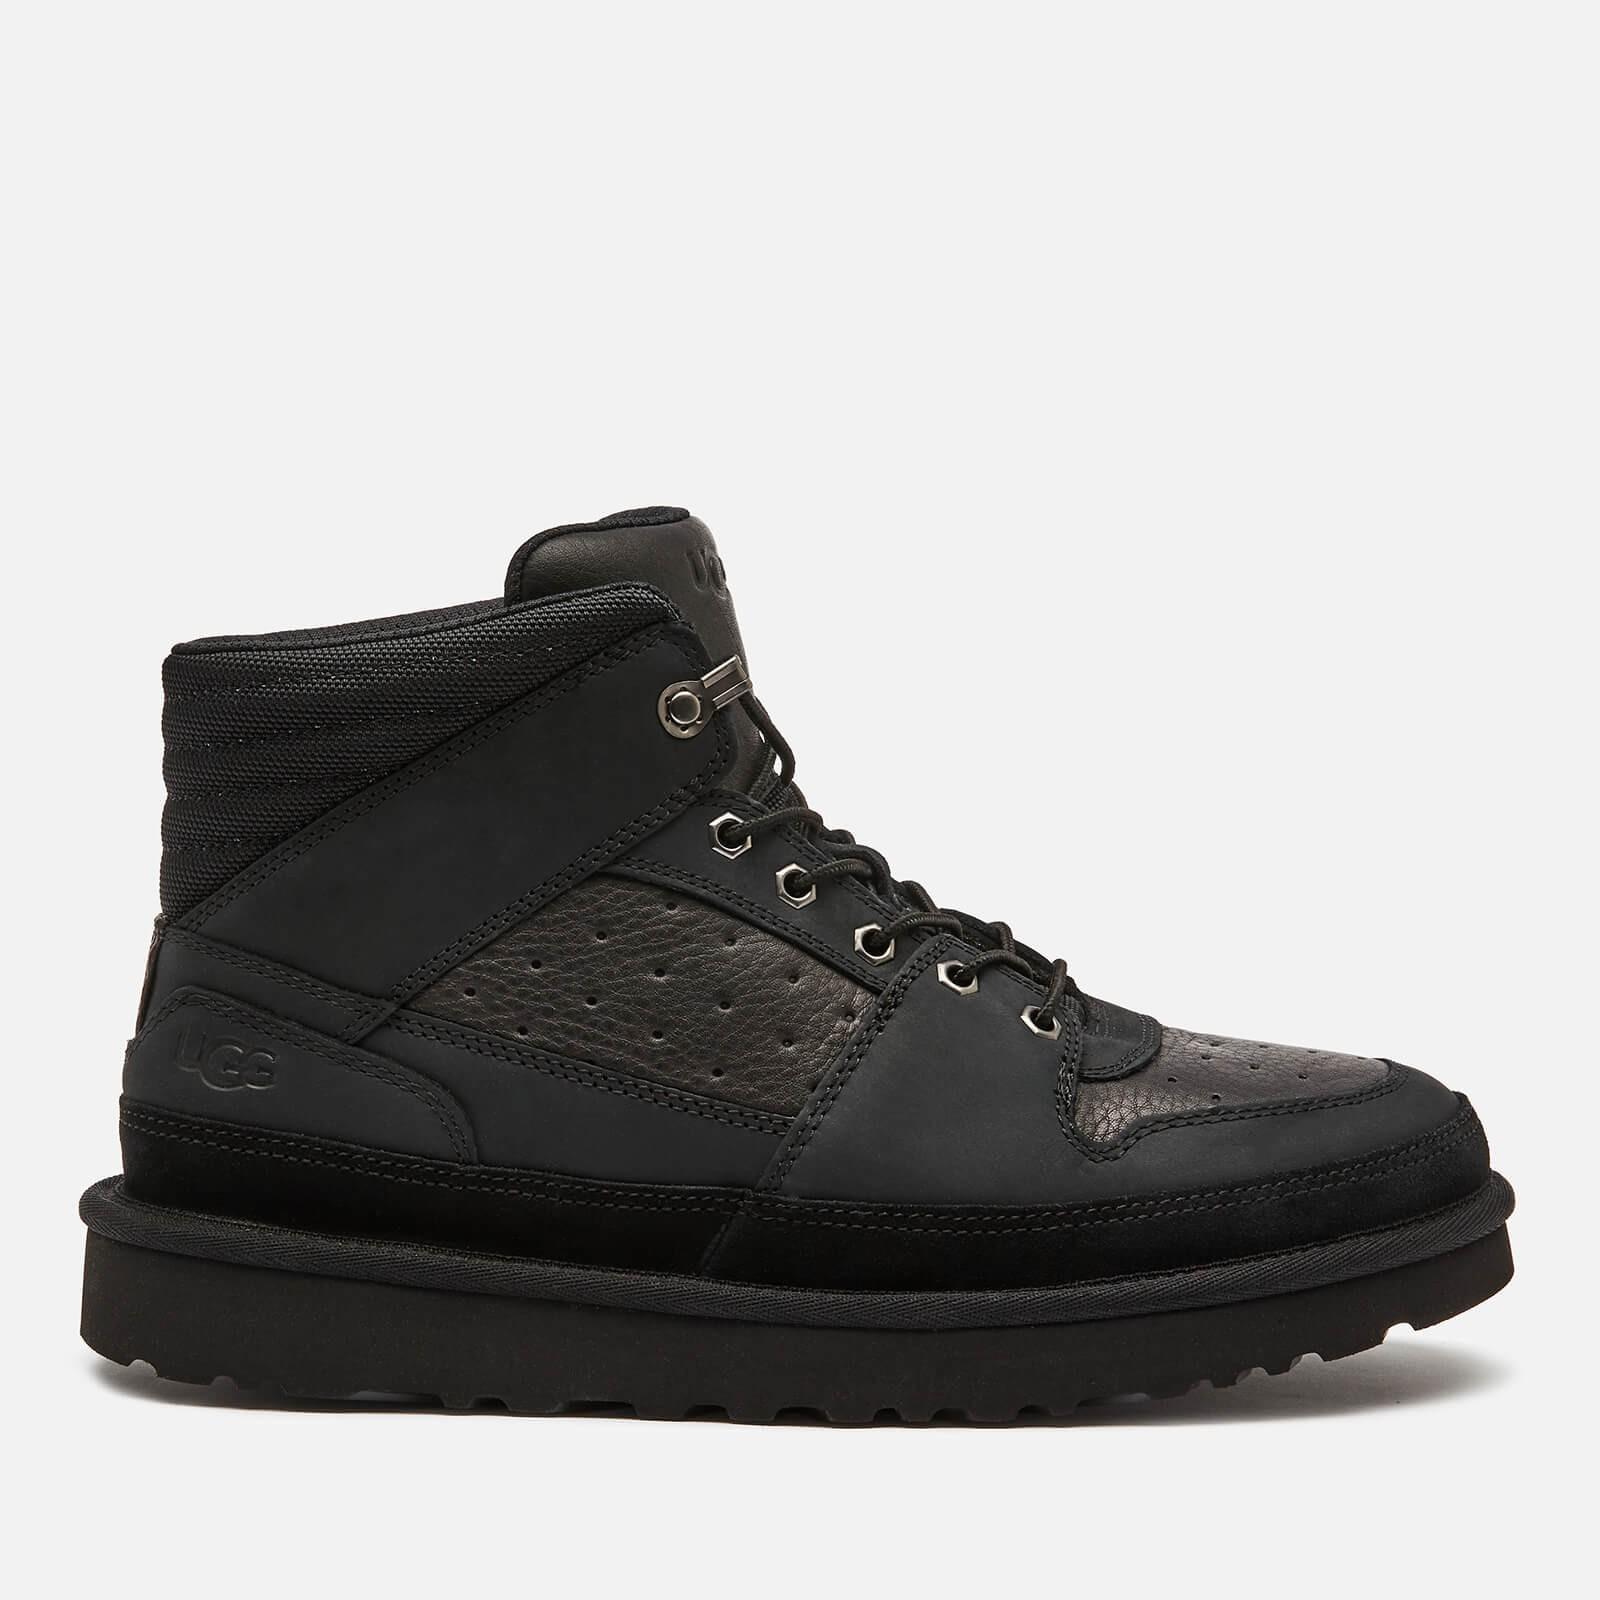 UGG 男子皮革运动鞋 黑色 41